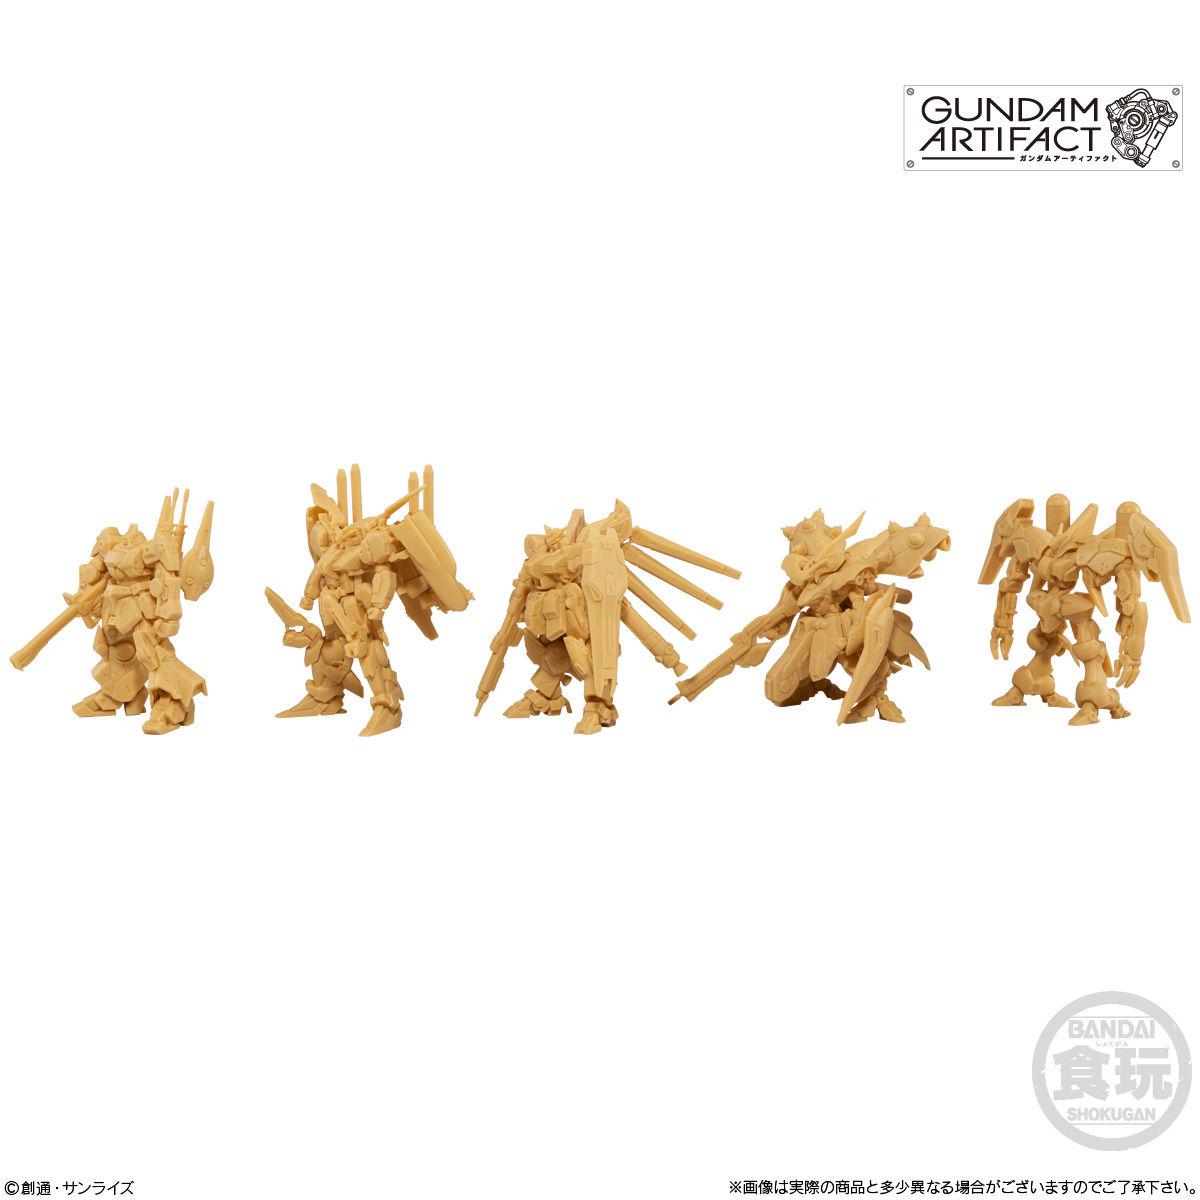 【食玩】機動戦士ガンダム『ガンダムアーティファクト』プラ製ミニキット 10個入りBOX-007